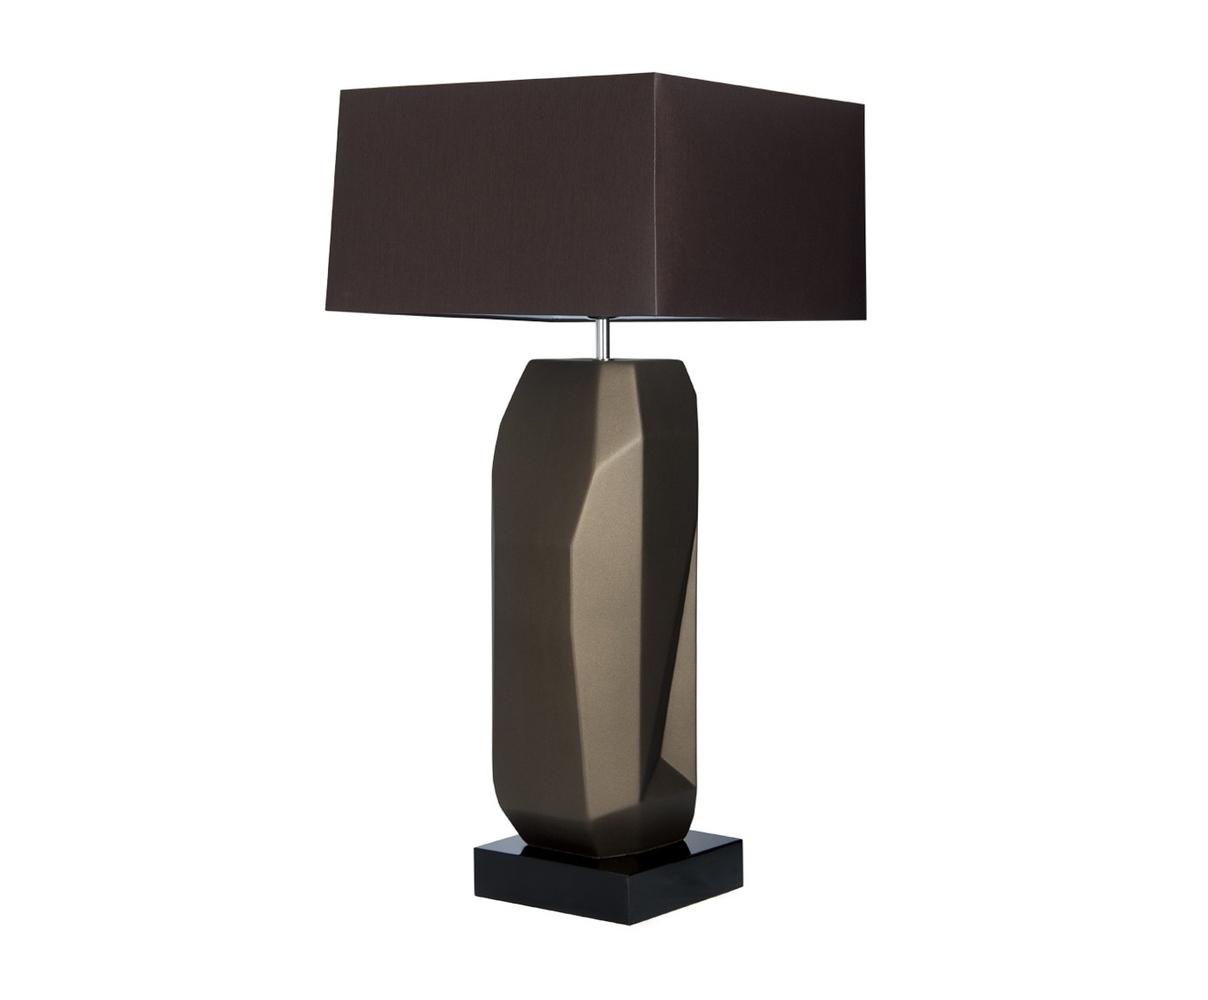 Купить Настольная лампа цвета венге, inmyroom, Португалия